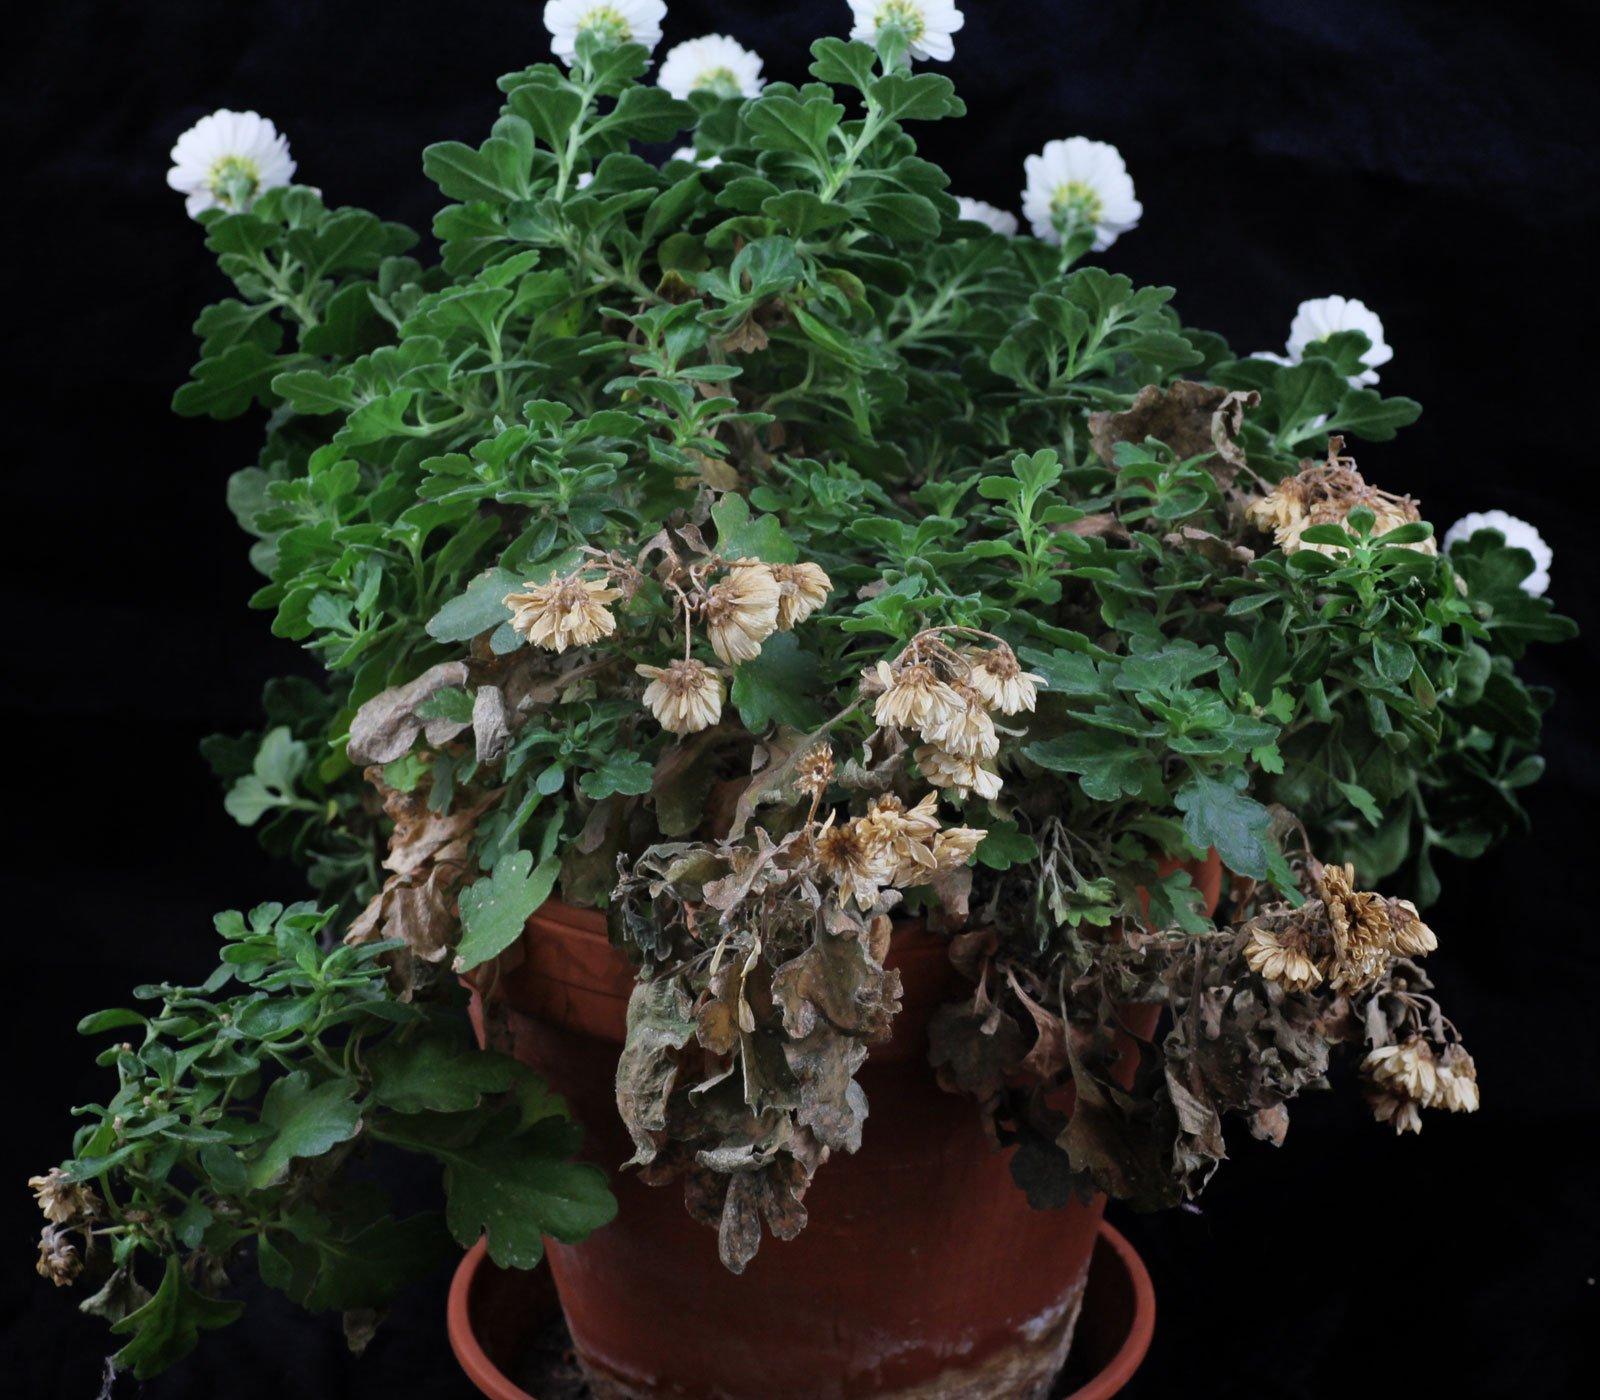 chrysanthemen pflege chrysanthemen pflege die. Black Bedroom Furniture Sets. Home Design Ideas